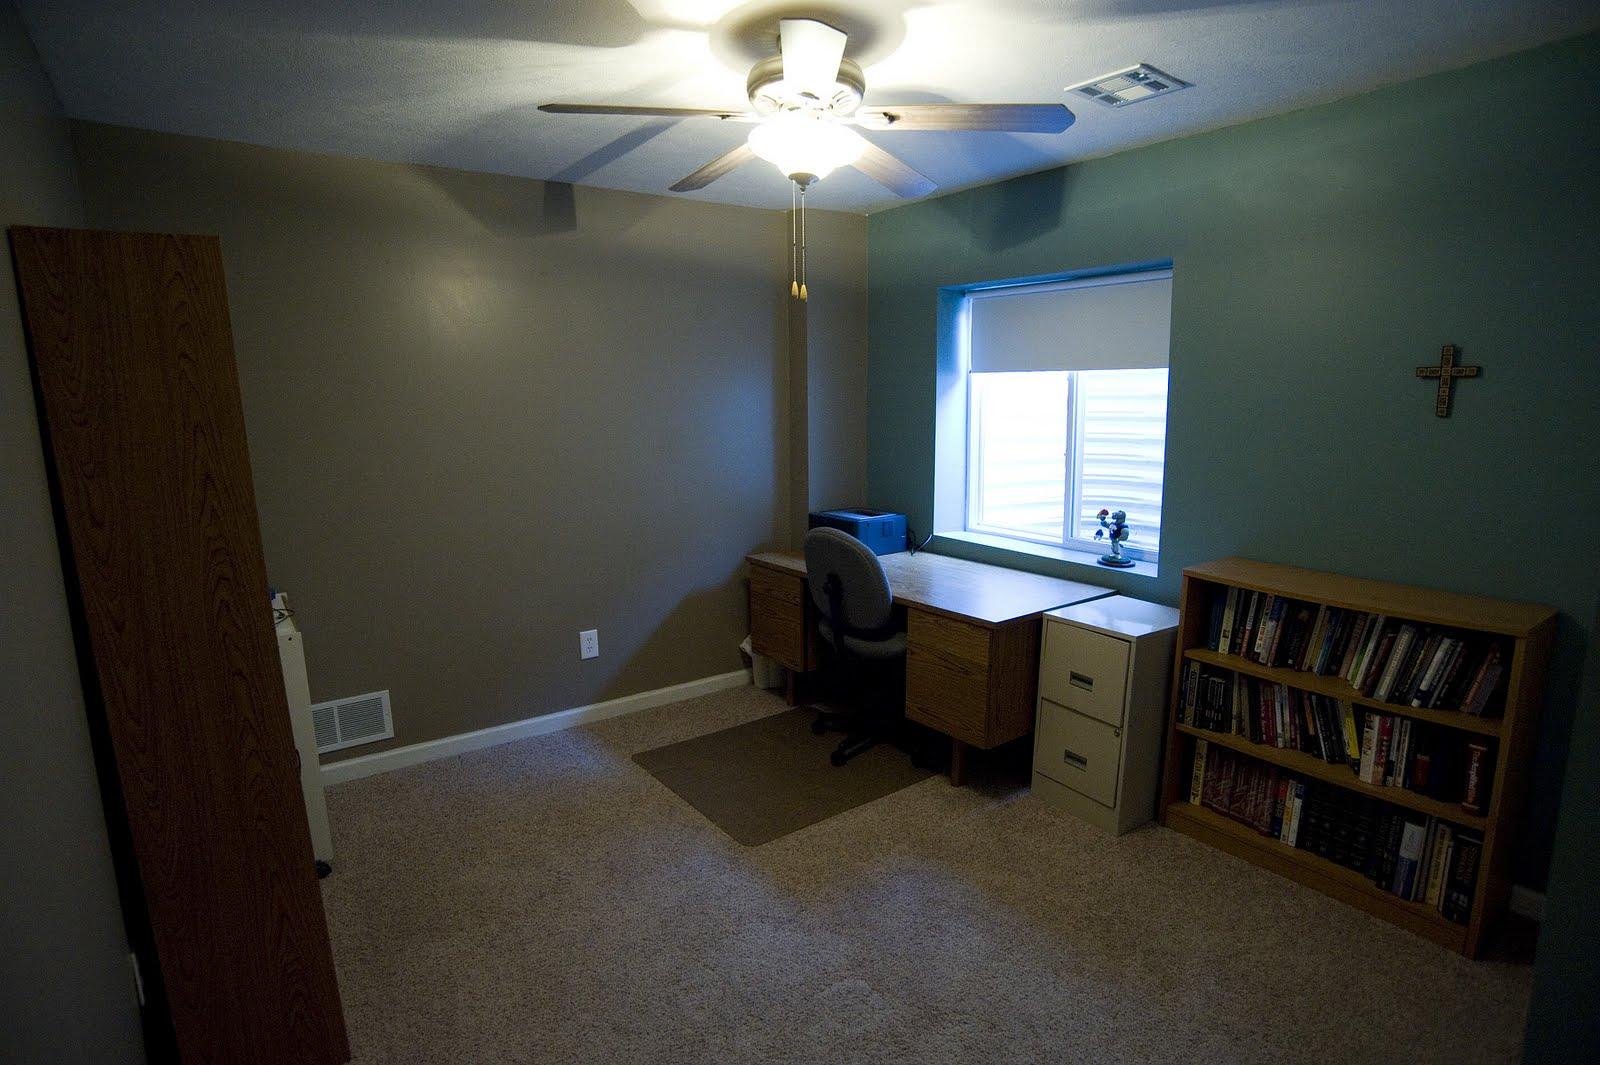 Bedroom egress door bedroom furniture high resolution for Bedroom egress window size